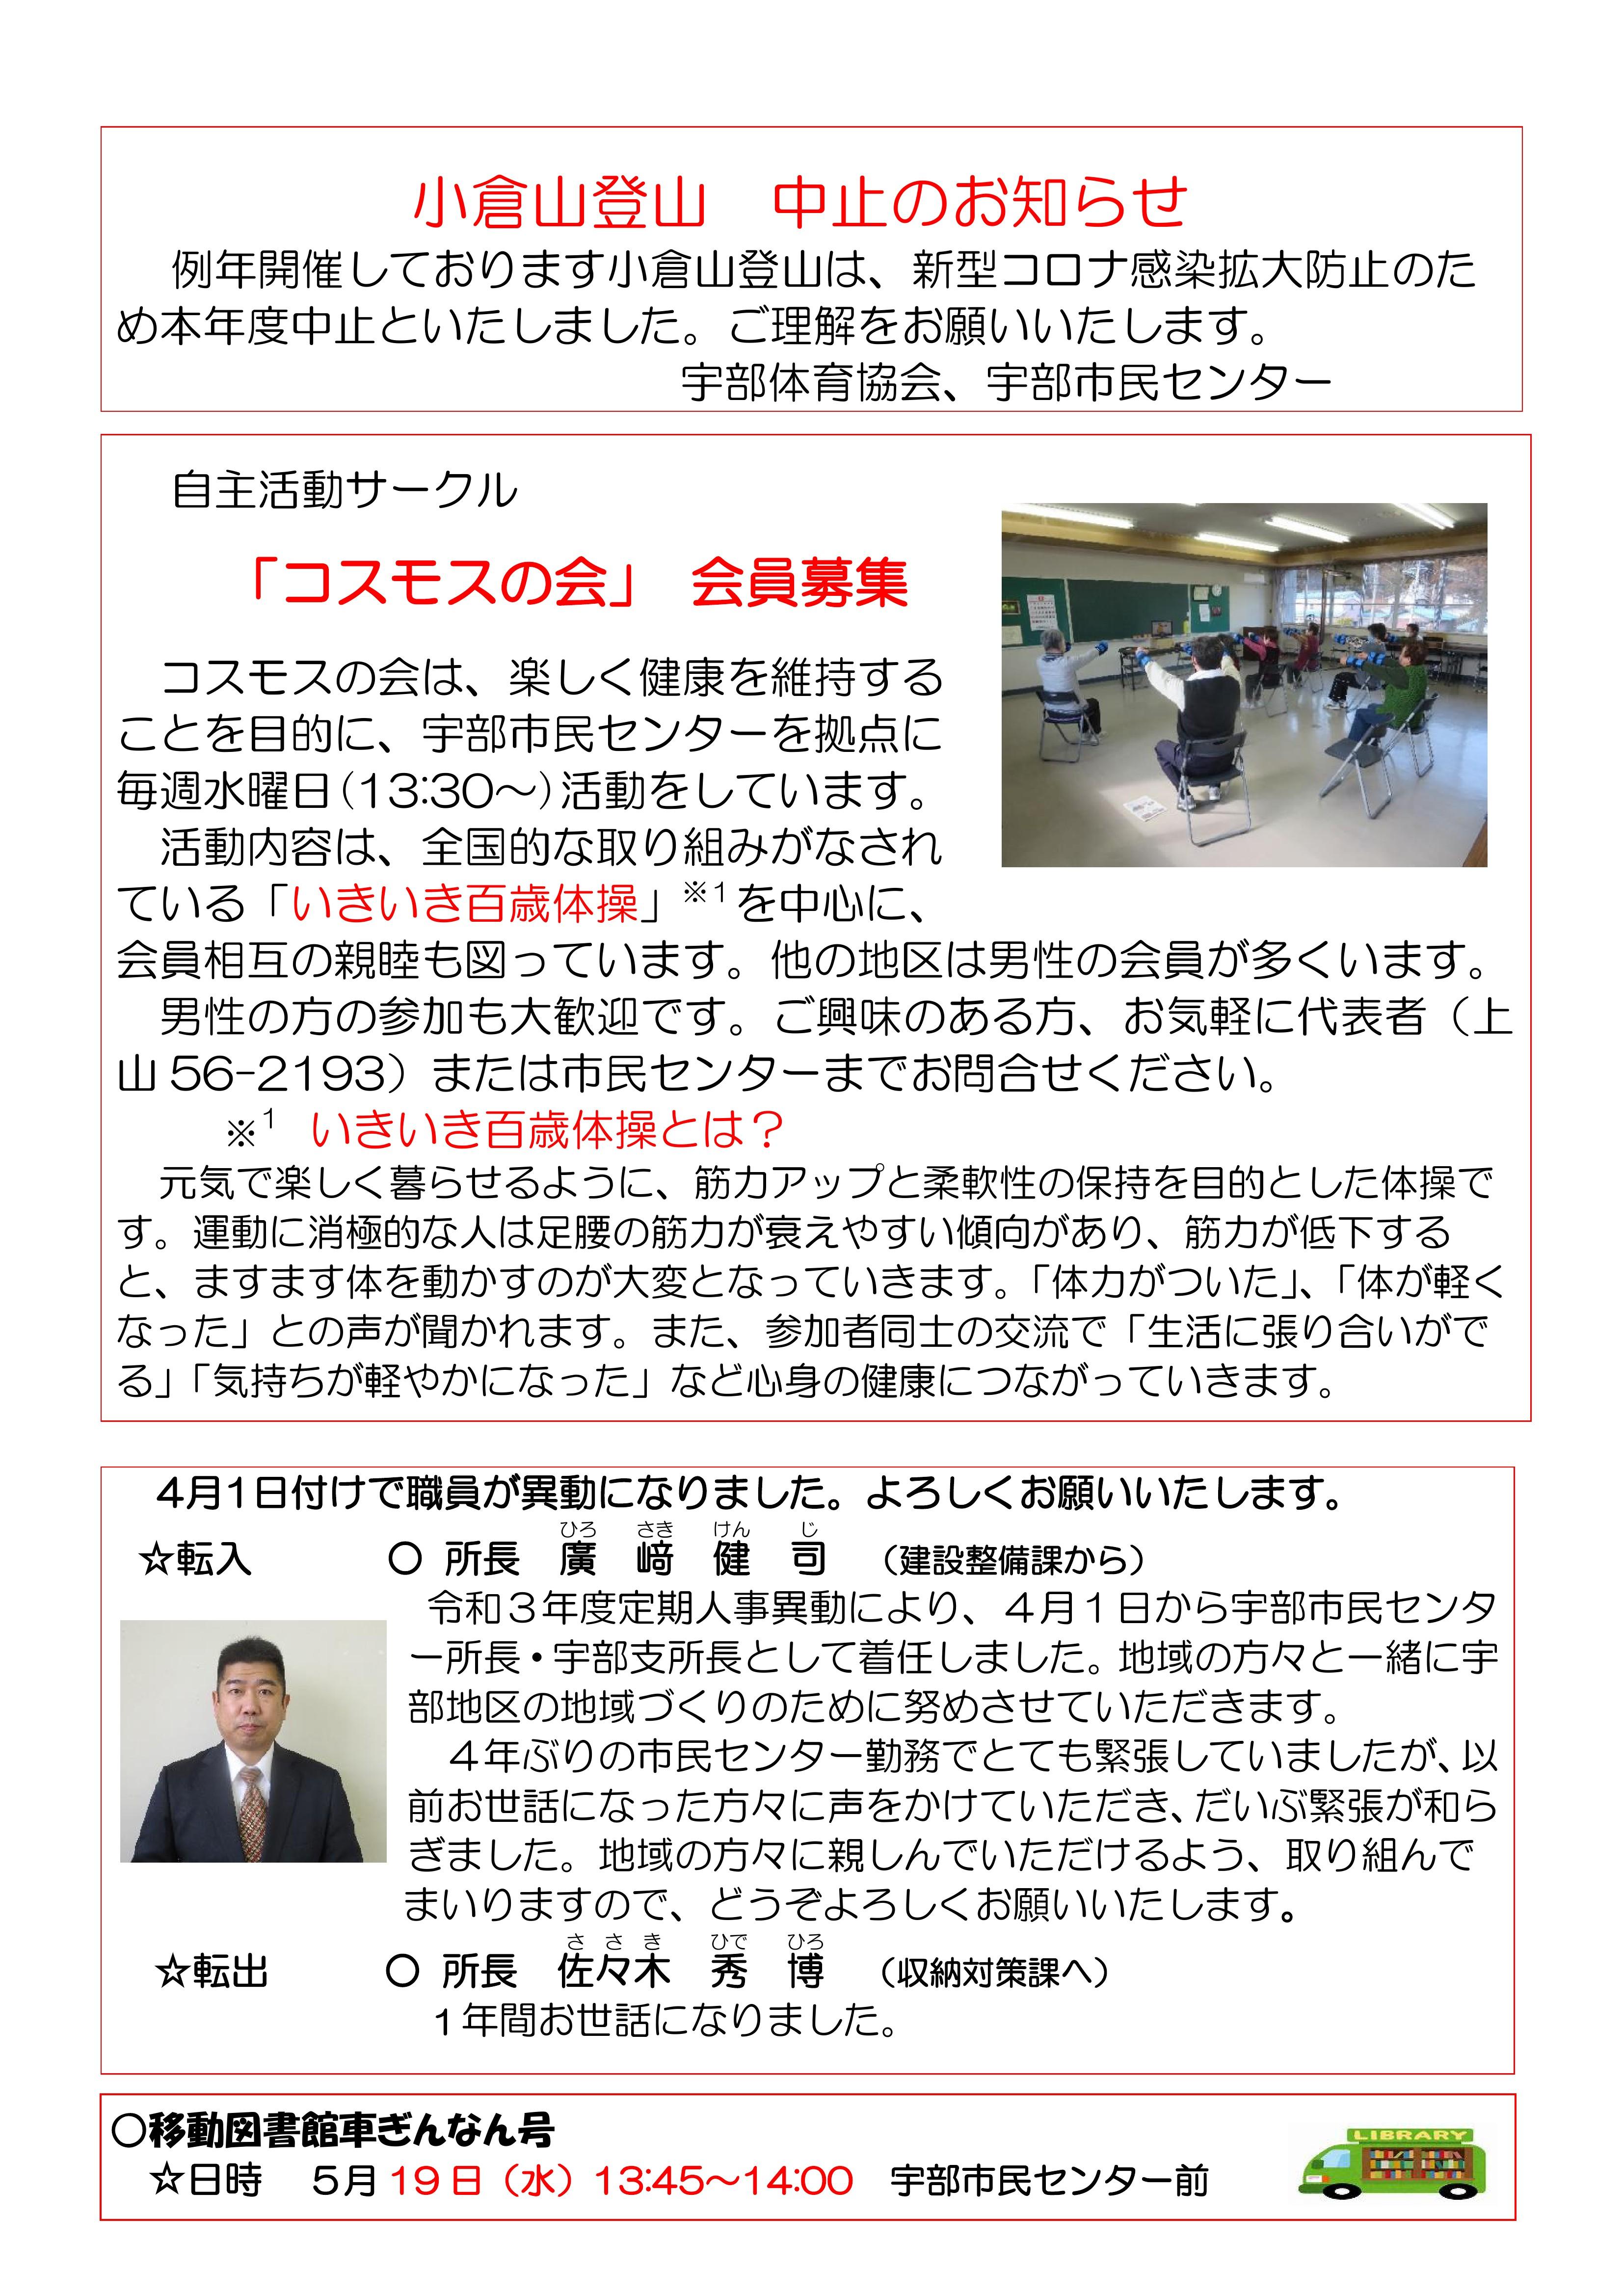 宇部市民センター報(令和3年4月15日号)2ページ